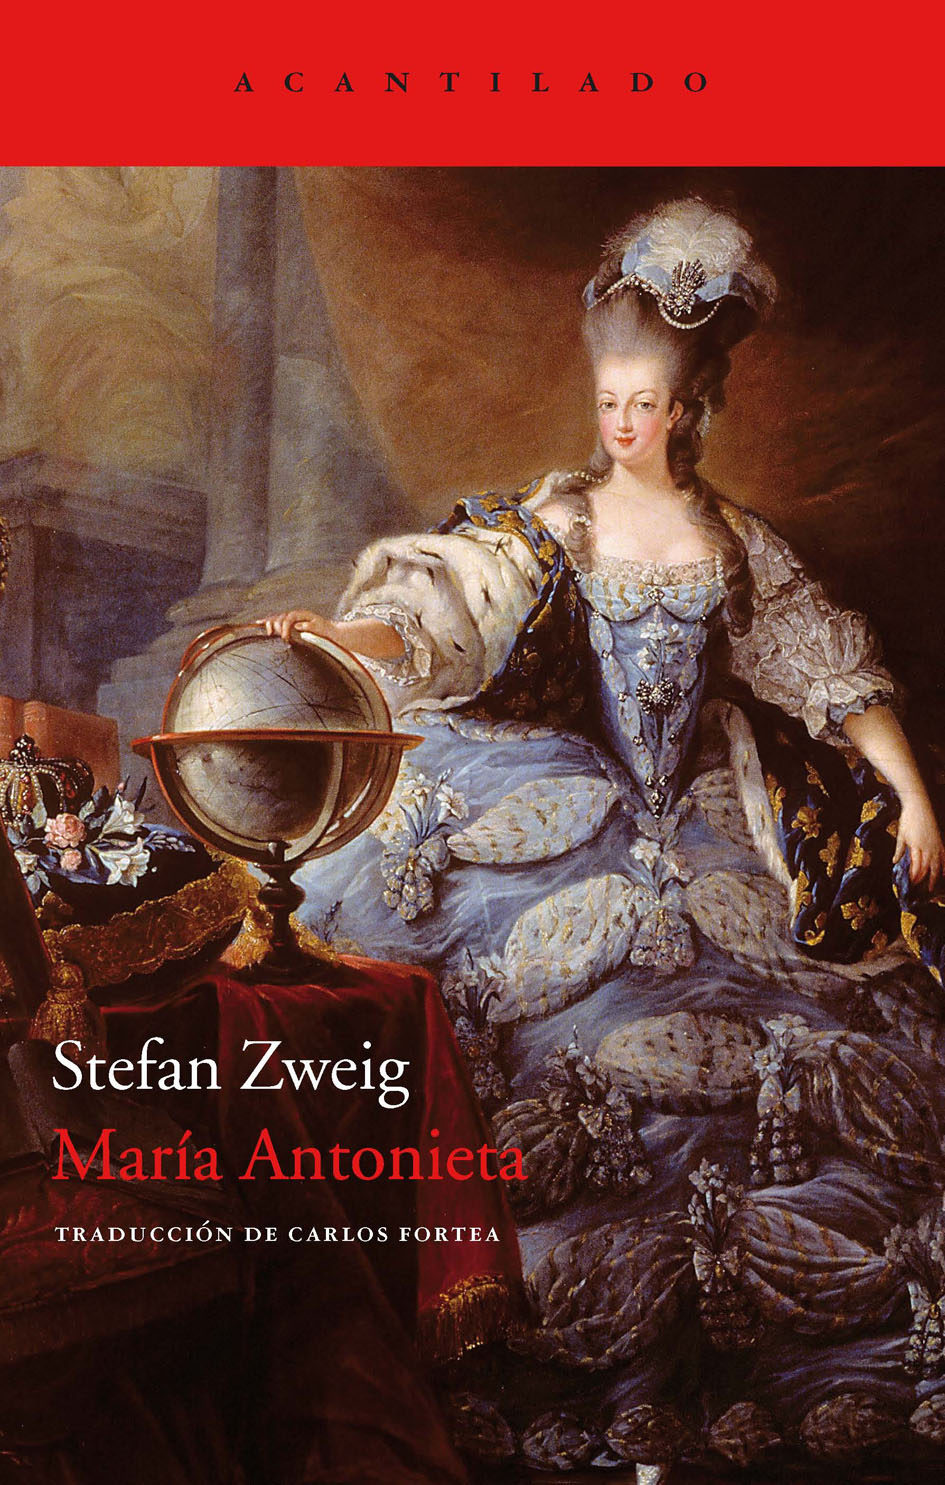 Resultado de imagen de caratulas del libro Tres maestros de Stefan Zweig